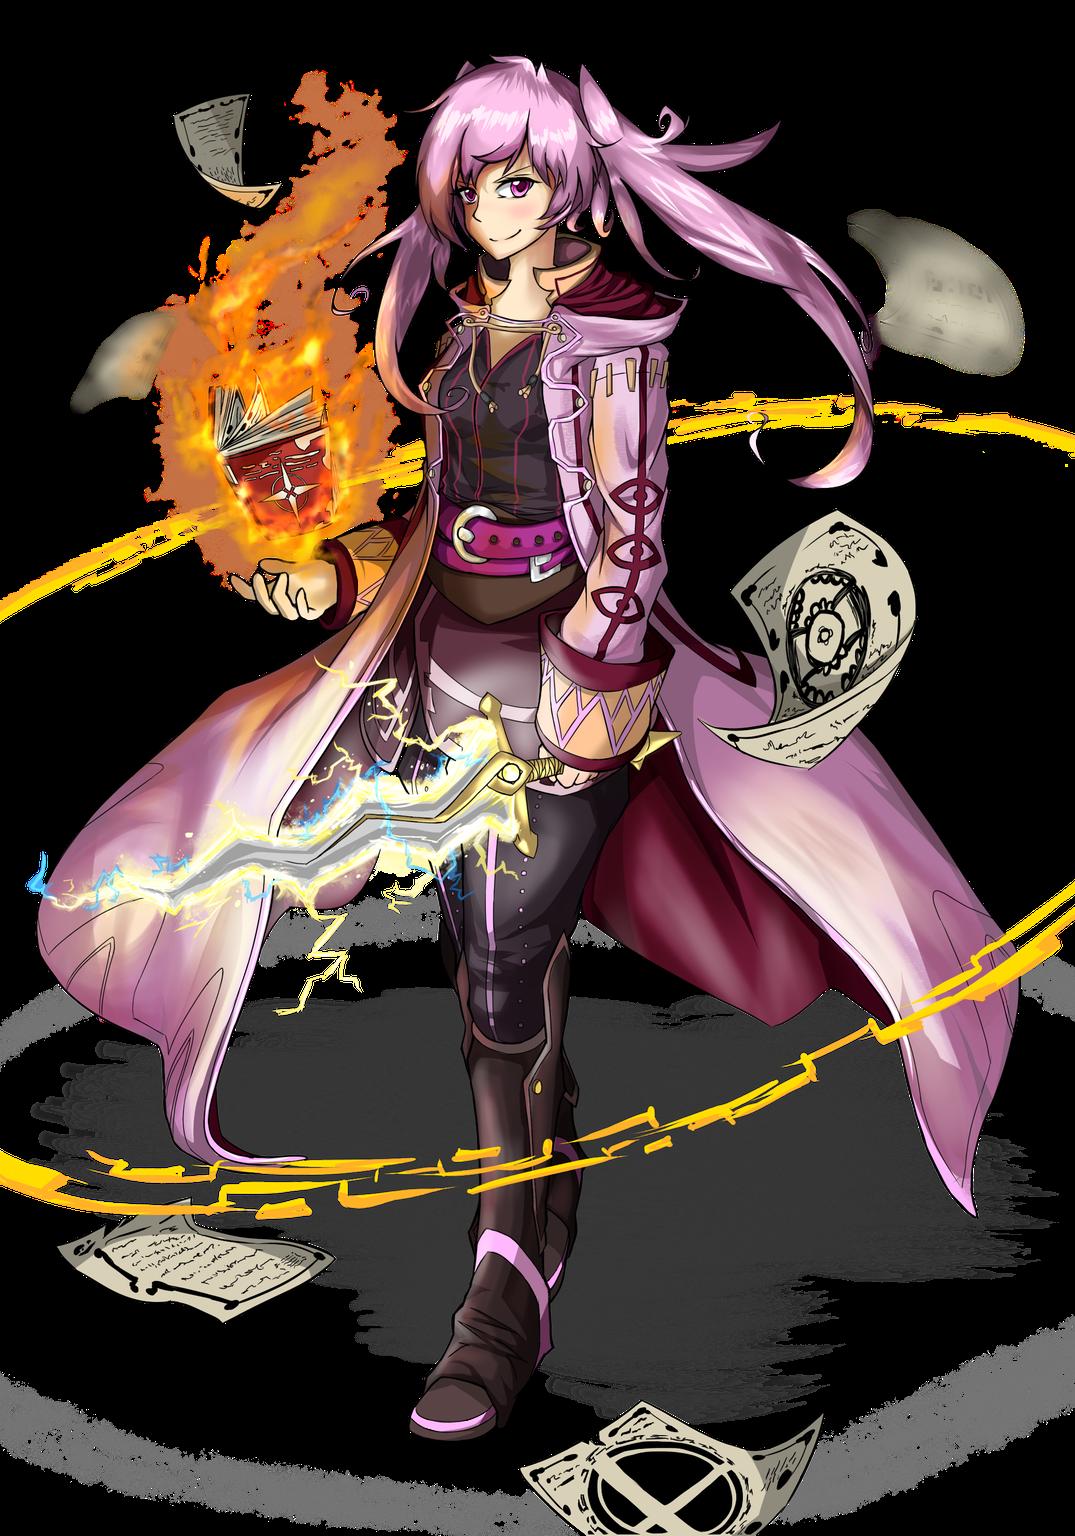 Pink Robin Fire Emblem Fire Emblem Awakening Robin